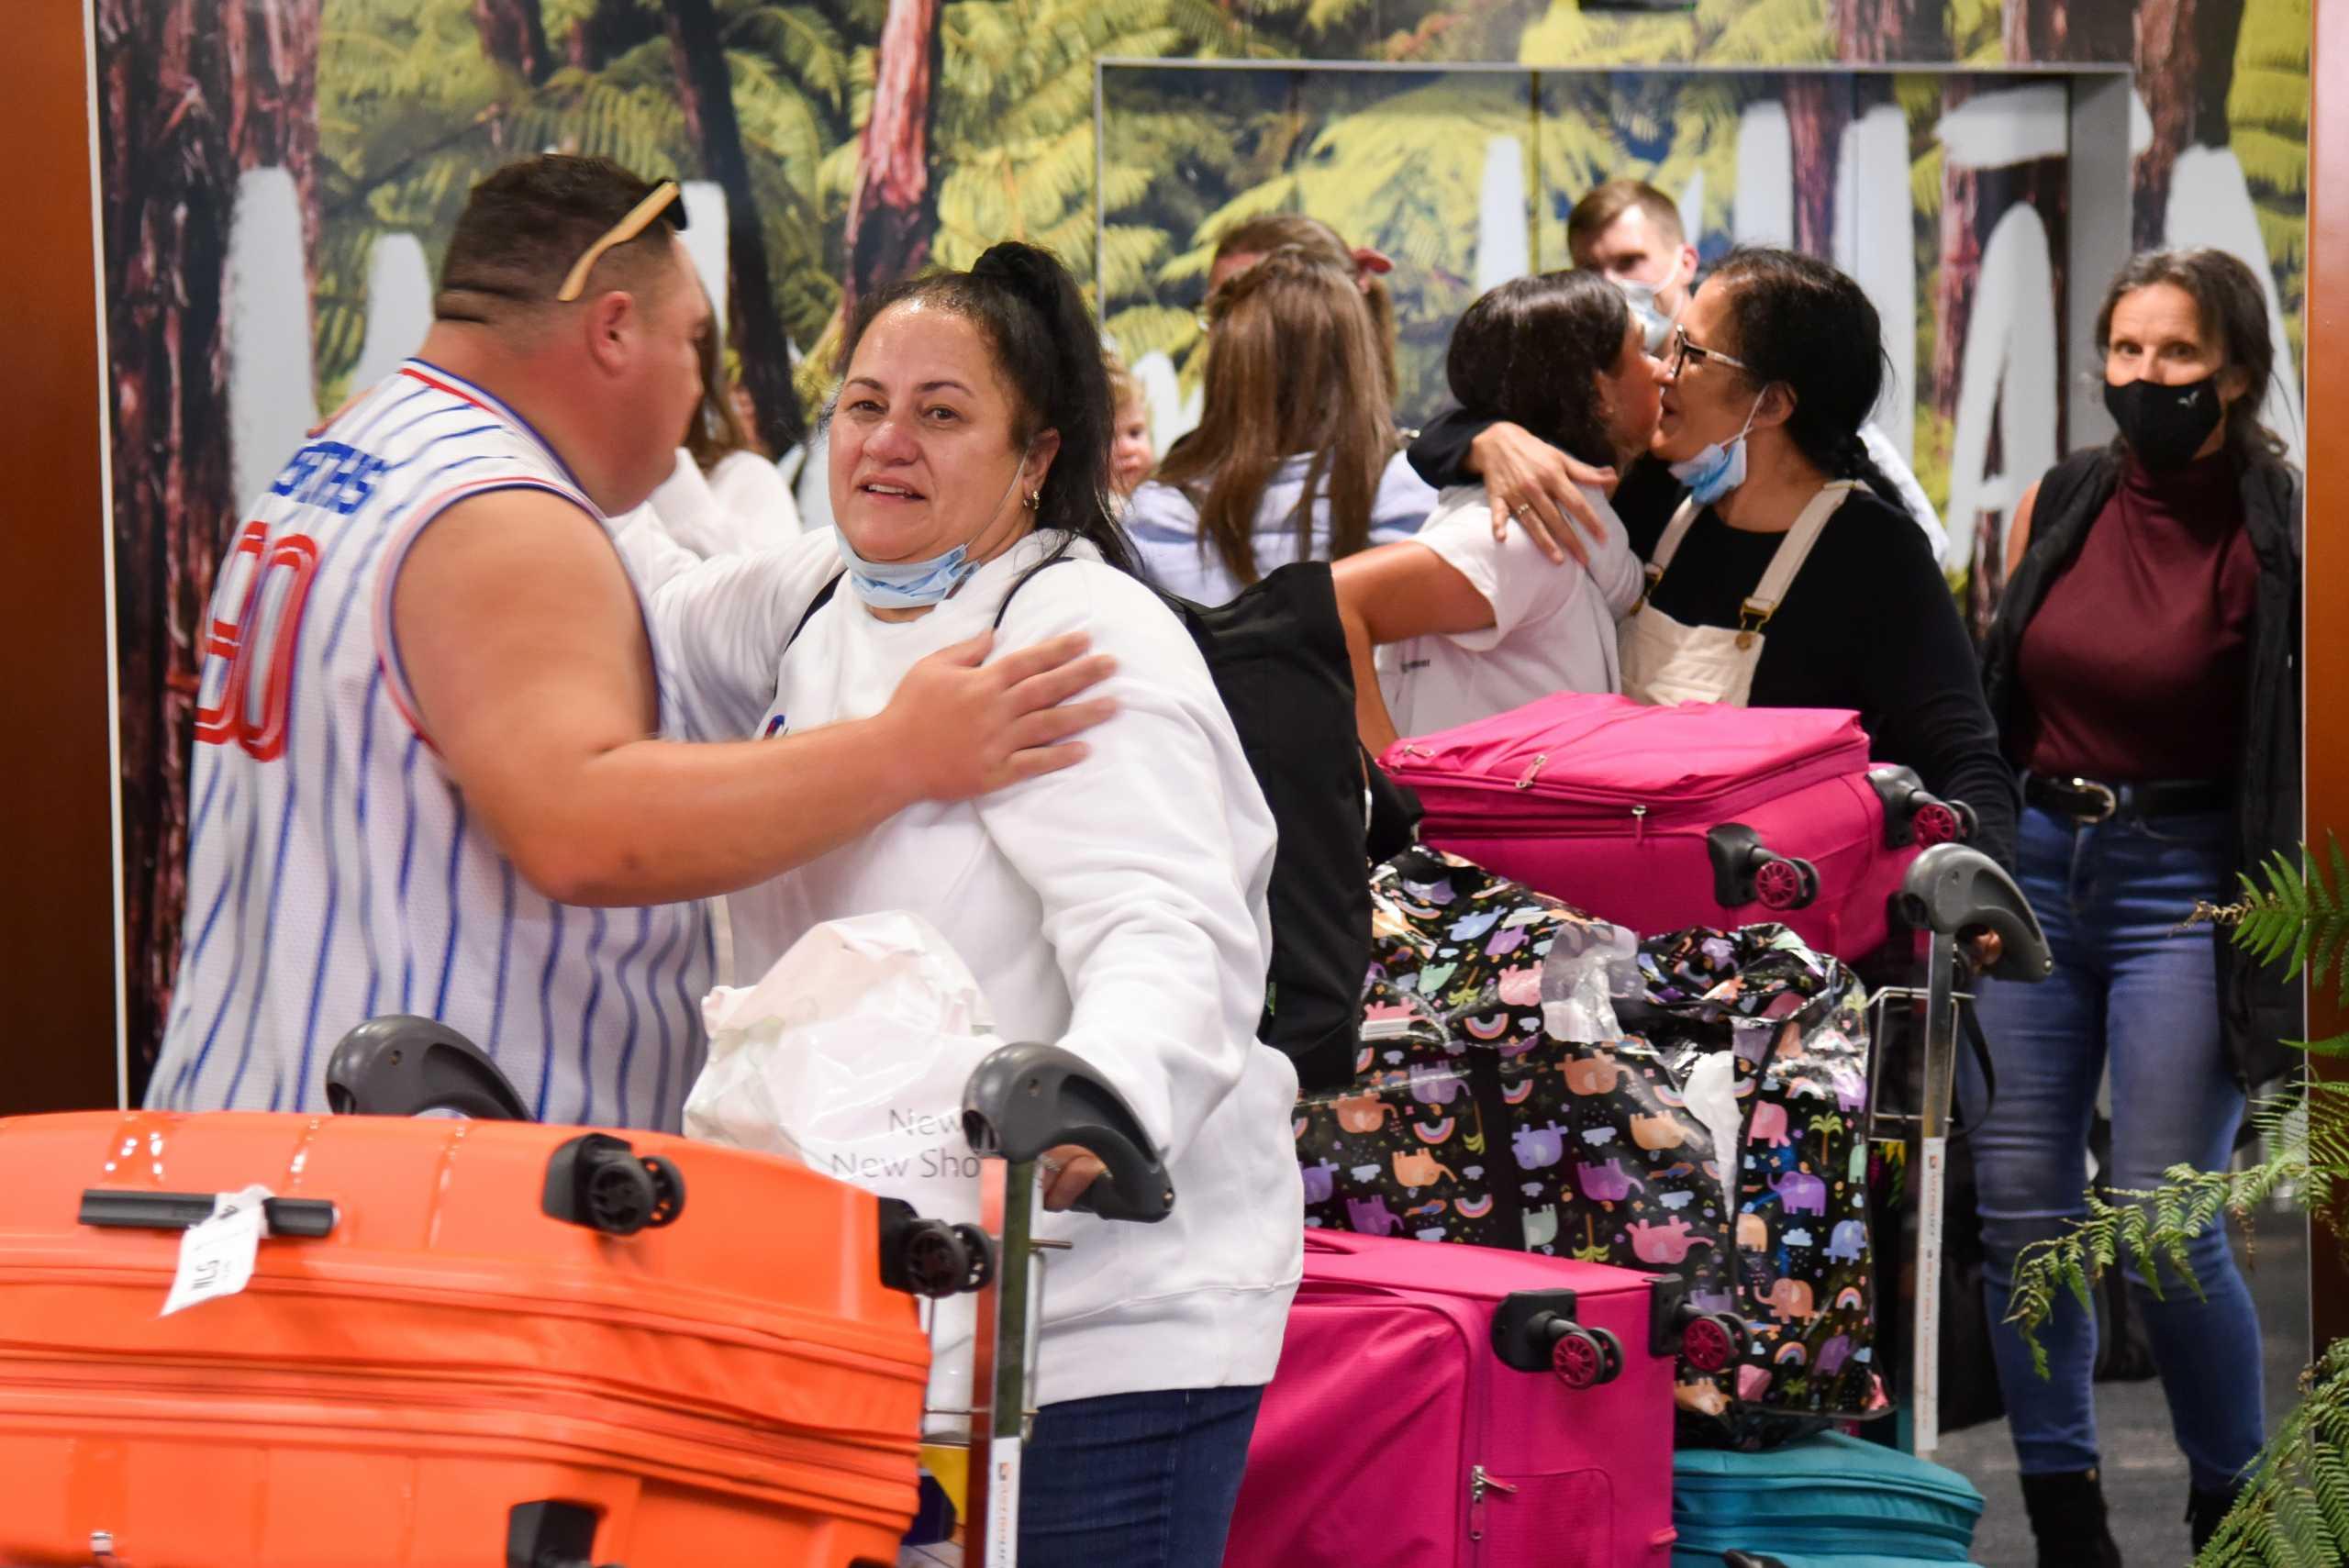 Νέα Ζηλανδία: Θετικός στον κορονοϊό εργαζόμενος στο αεροδρόμιο – Μία μέρα μετά το άνοιγμα των ταξιδιών (pics, vid)